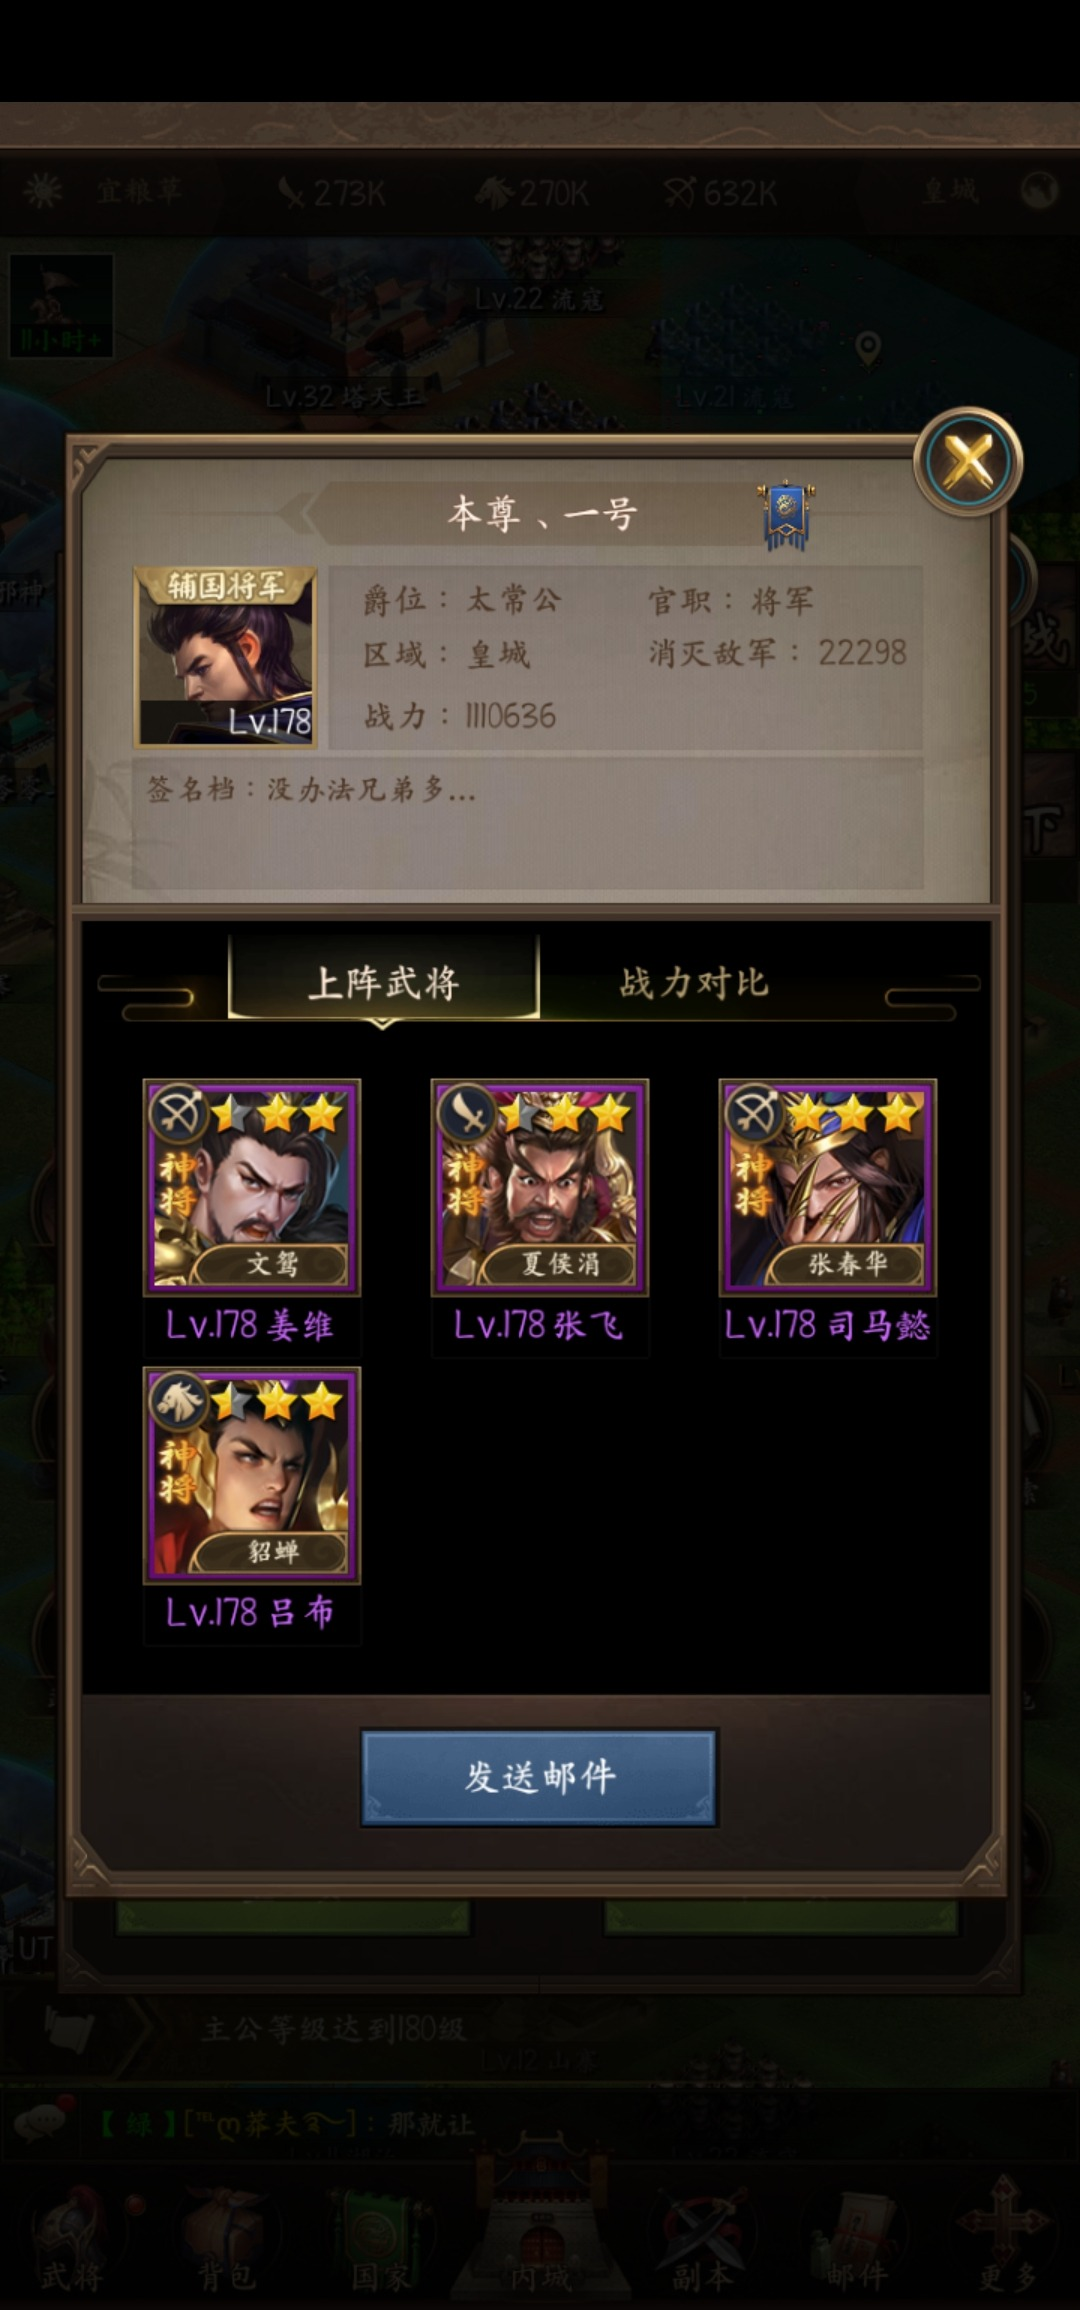 Screenshot_20200702_213405_juedi.tatuyin.rxsg.huawei.jpg